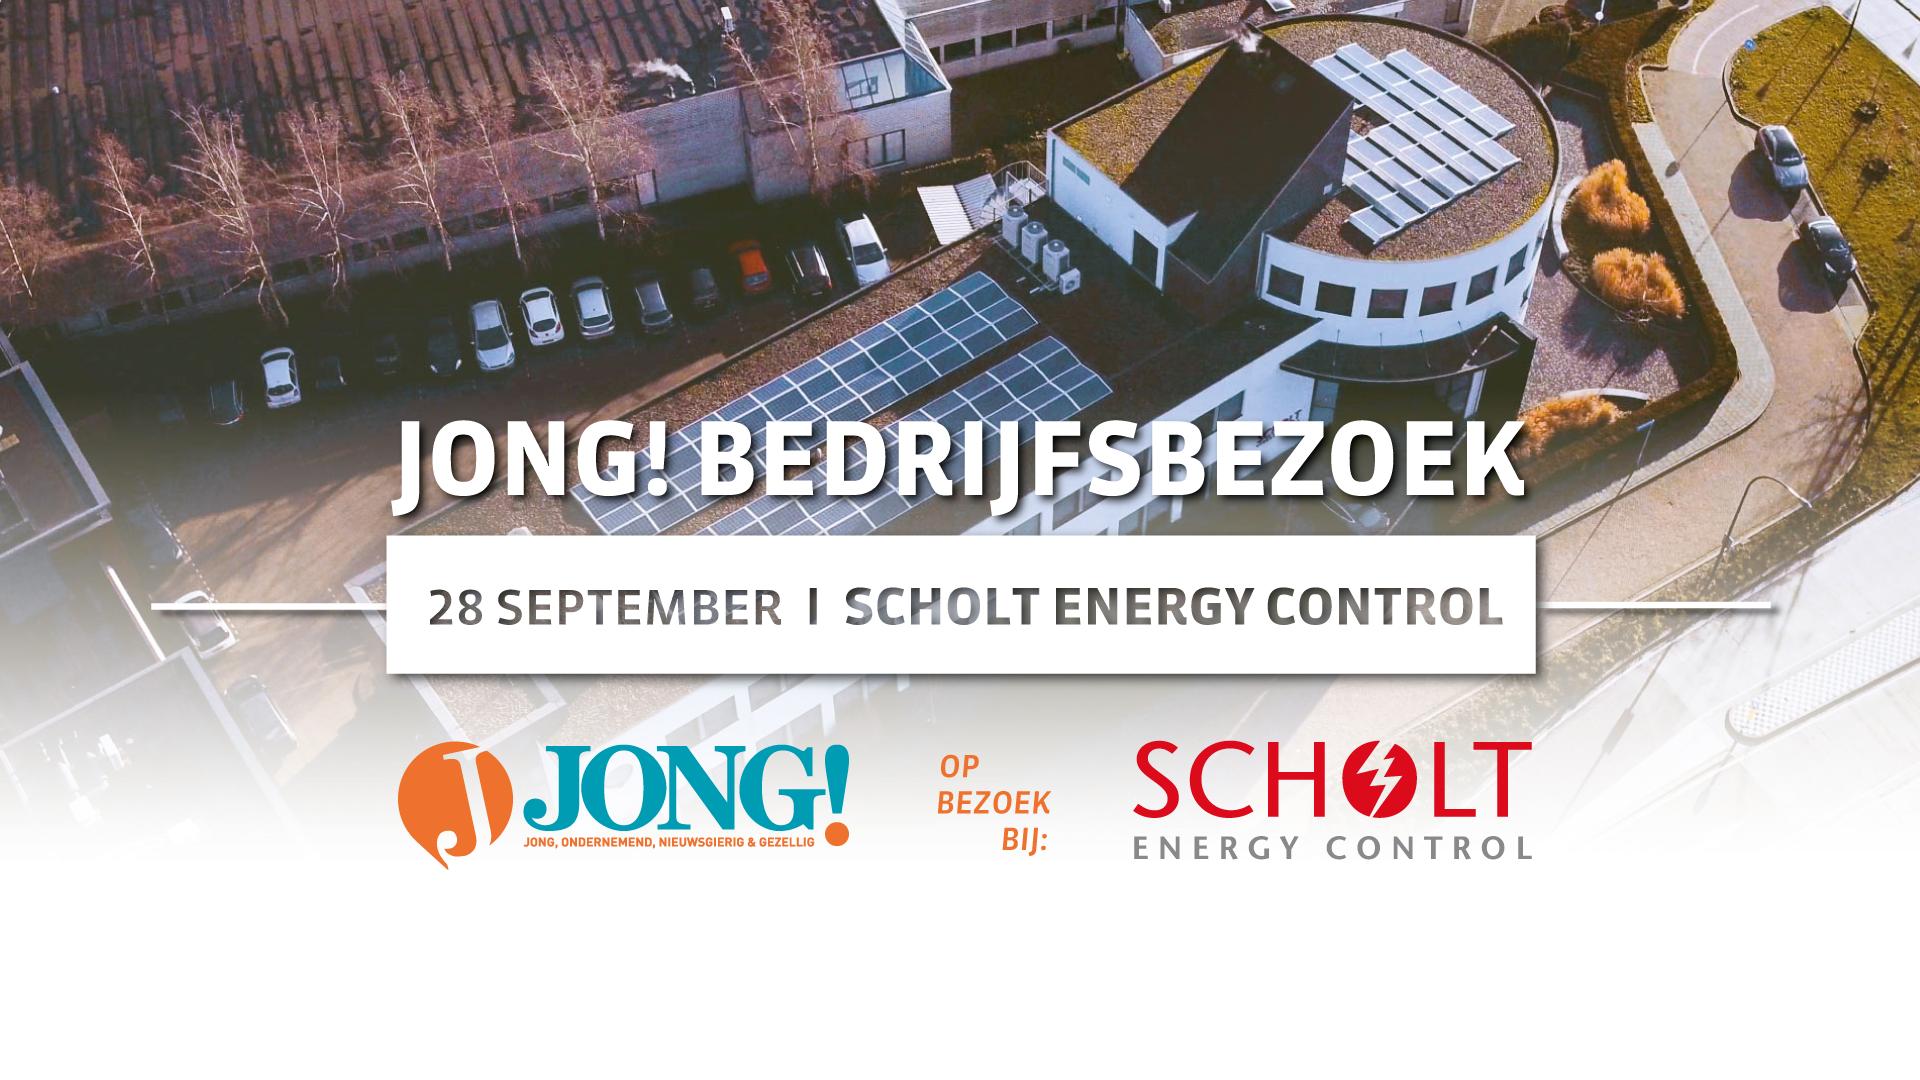 Bedrijfsbezoek Scholt Energy Control Valkenswaard 28-09-1